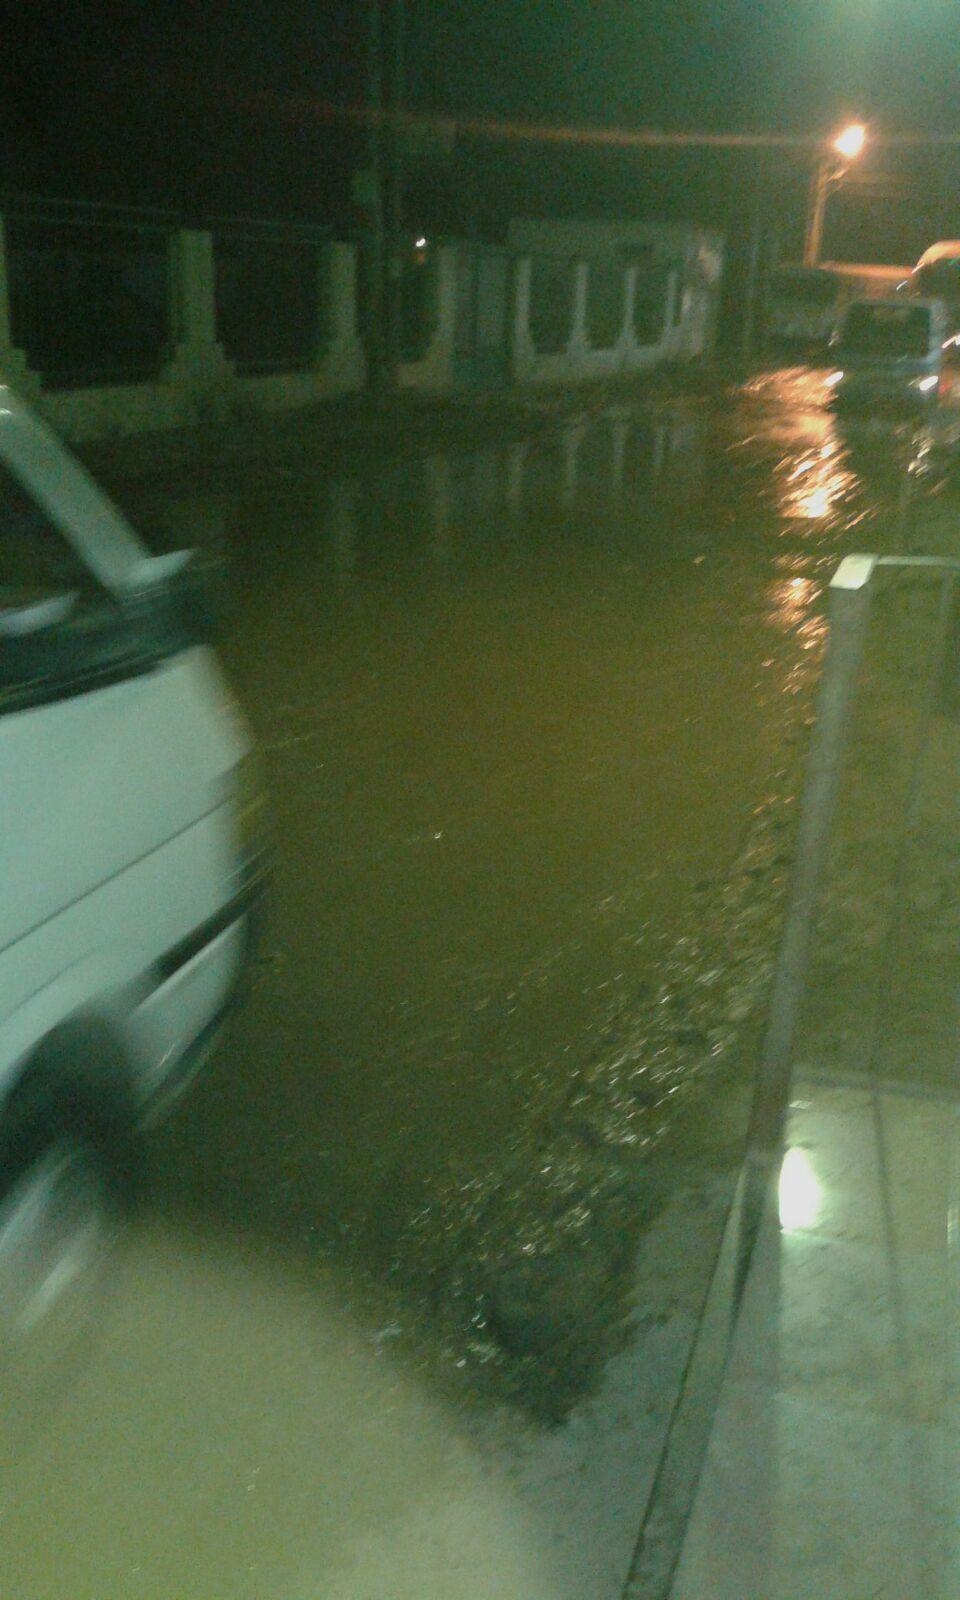 غرق «ميت حمل» بالشرقية في مياه الصرف لليوم الـ3 على التوالي